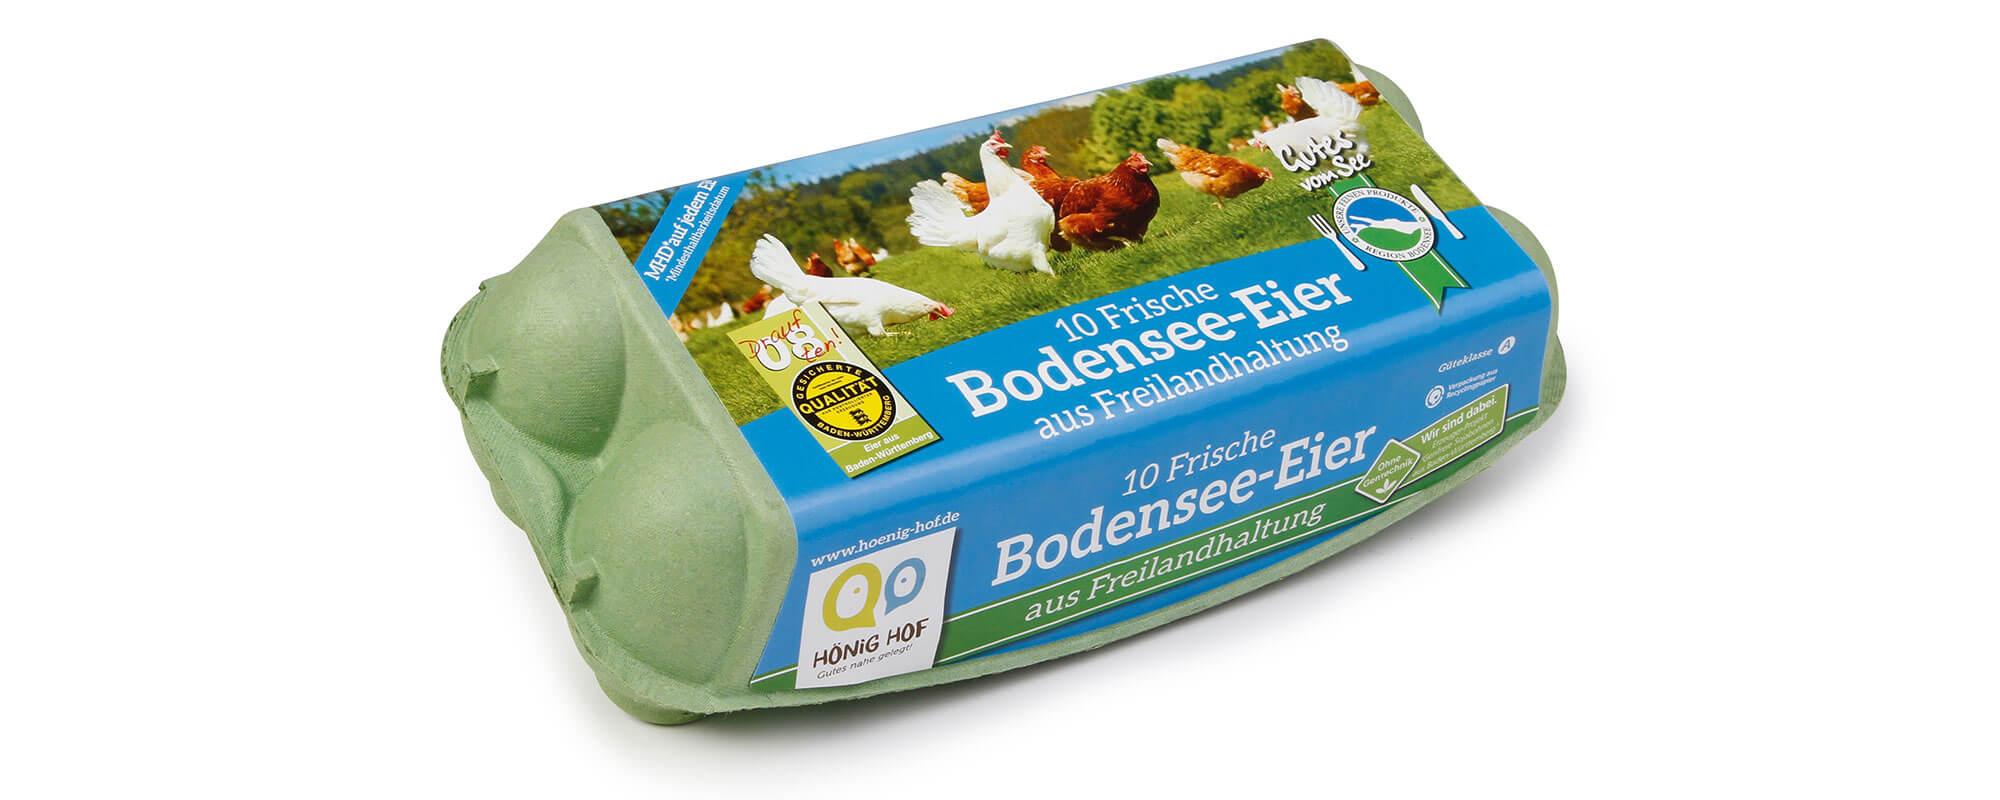 10er Bodensee-Eier aus Freilandhaltung